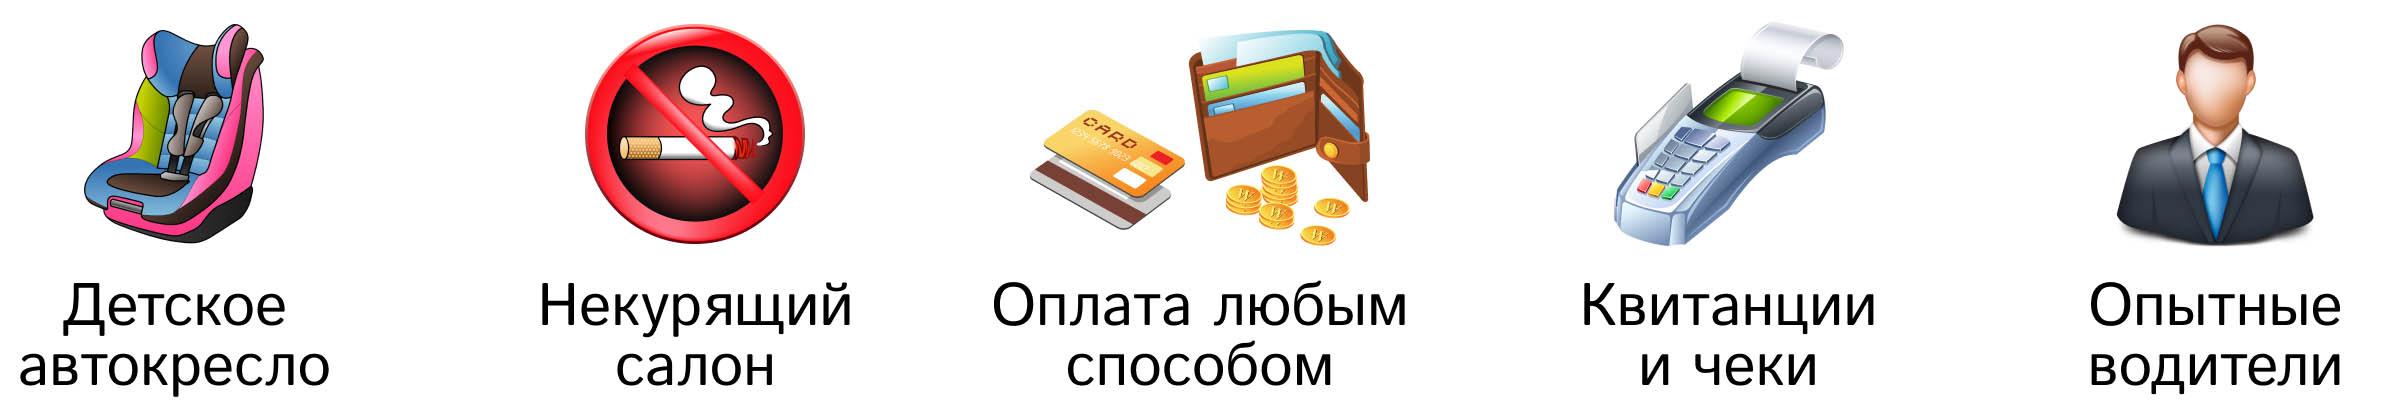 Такси из Краснодара в Ленинское